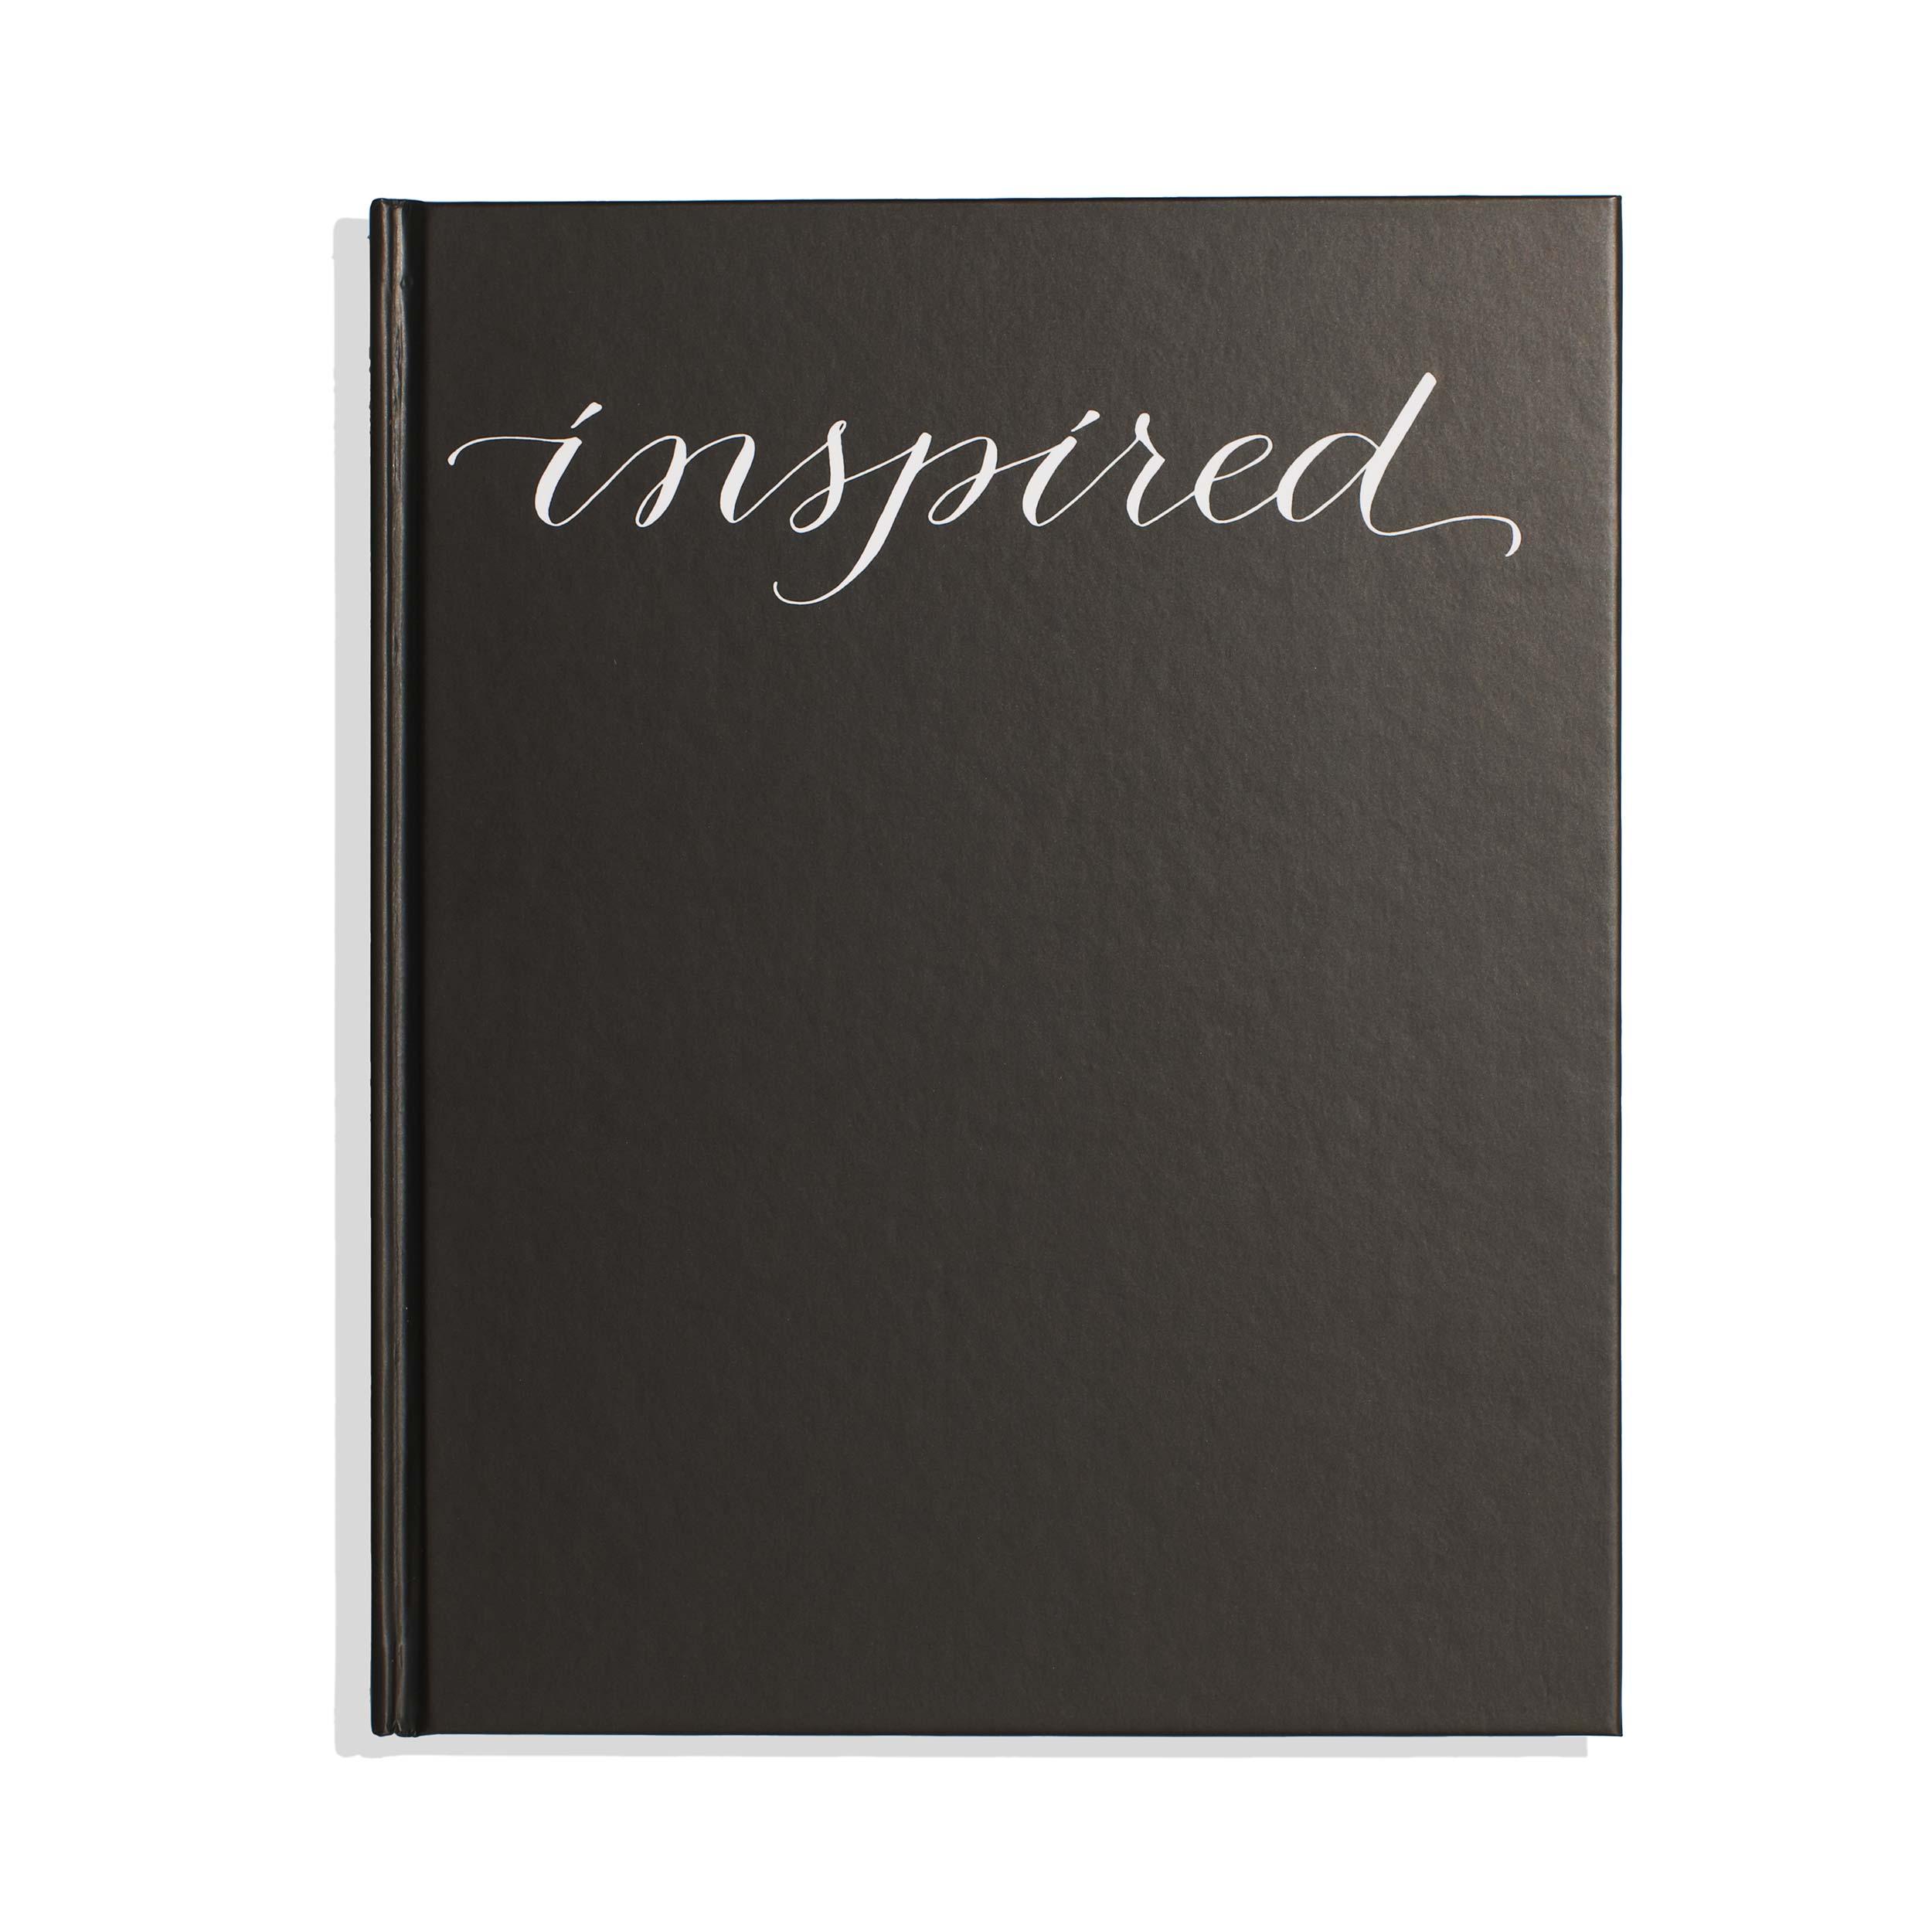 M-Robbins-Book-Cover.jpg